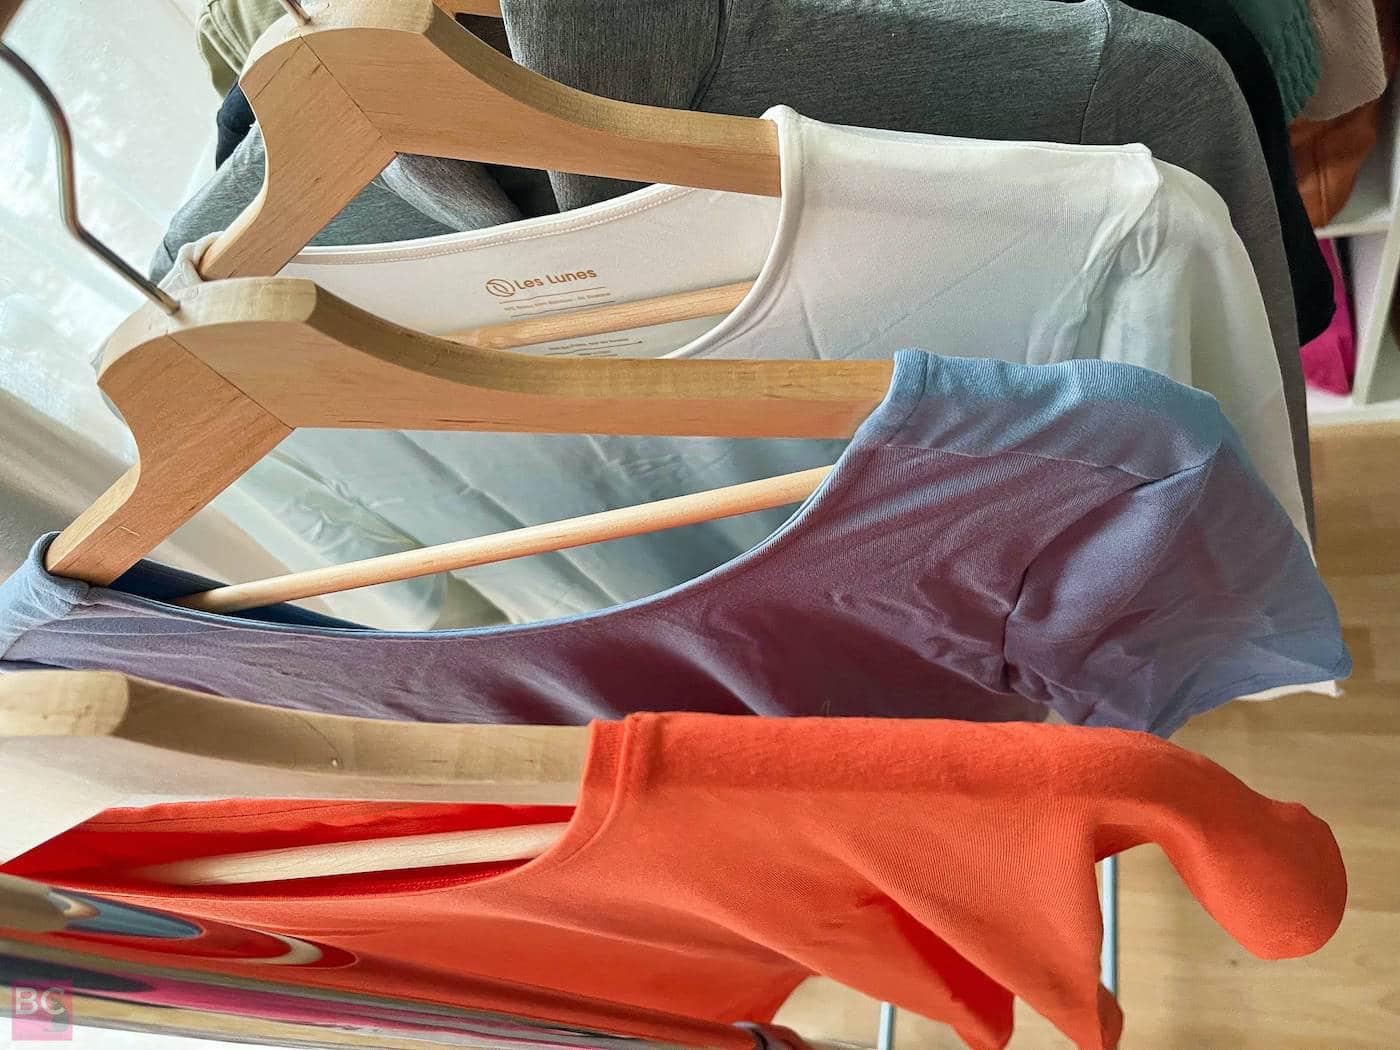 LES LUNES ERFAHRUNGEN Mia Shirt, Emma Bodysuit, Alena Bodysuit, Steve Turtleneck